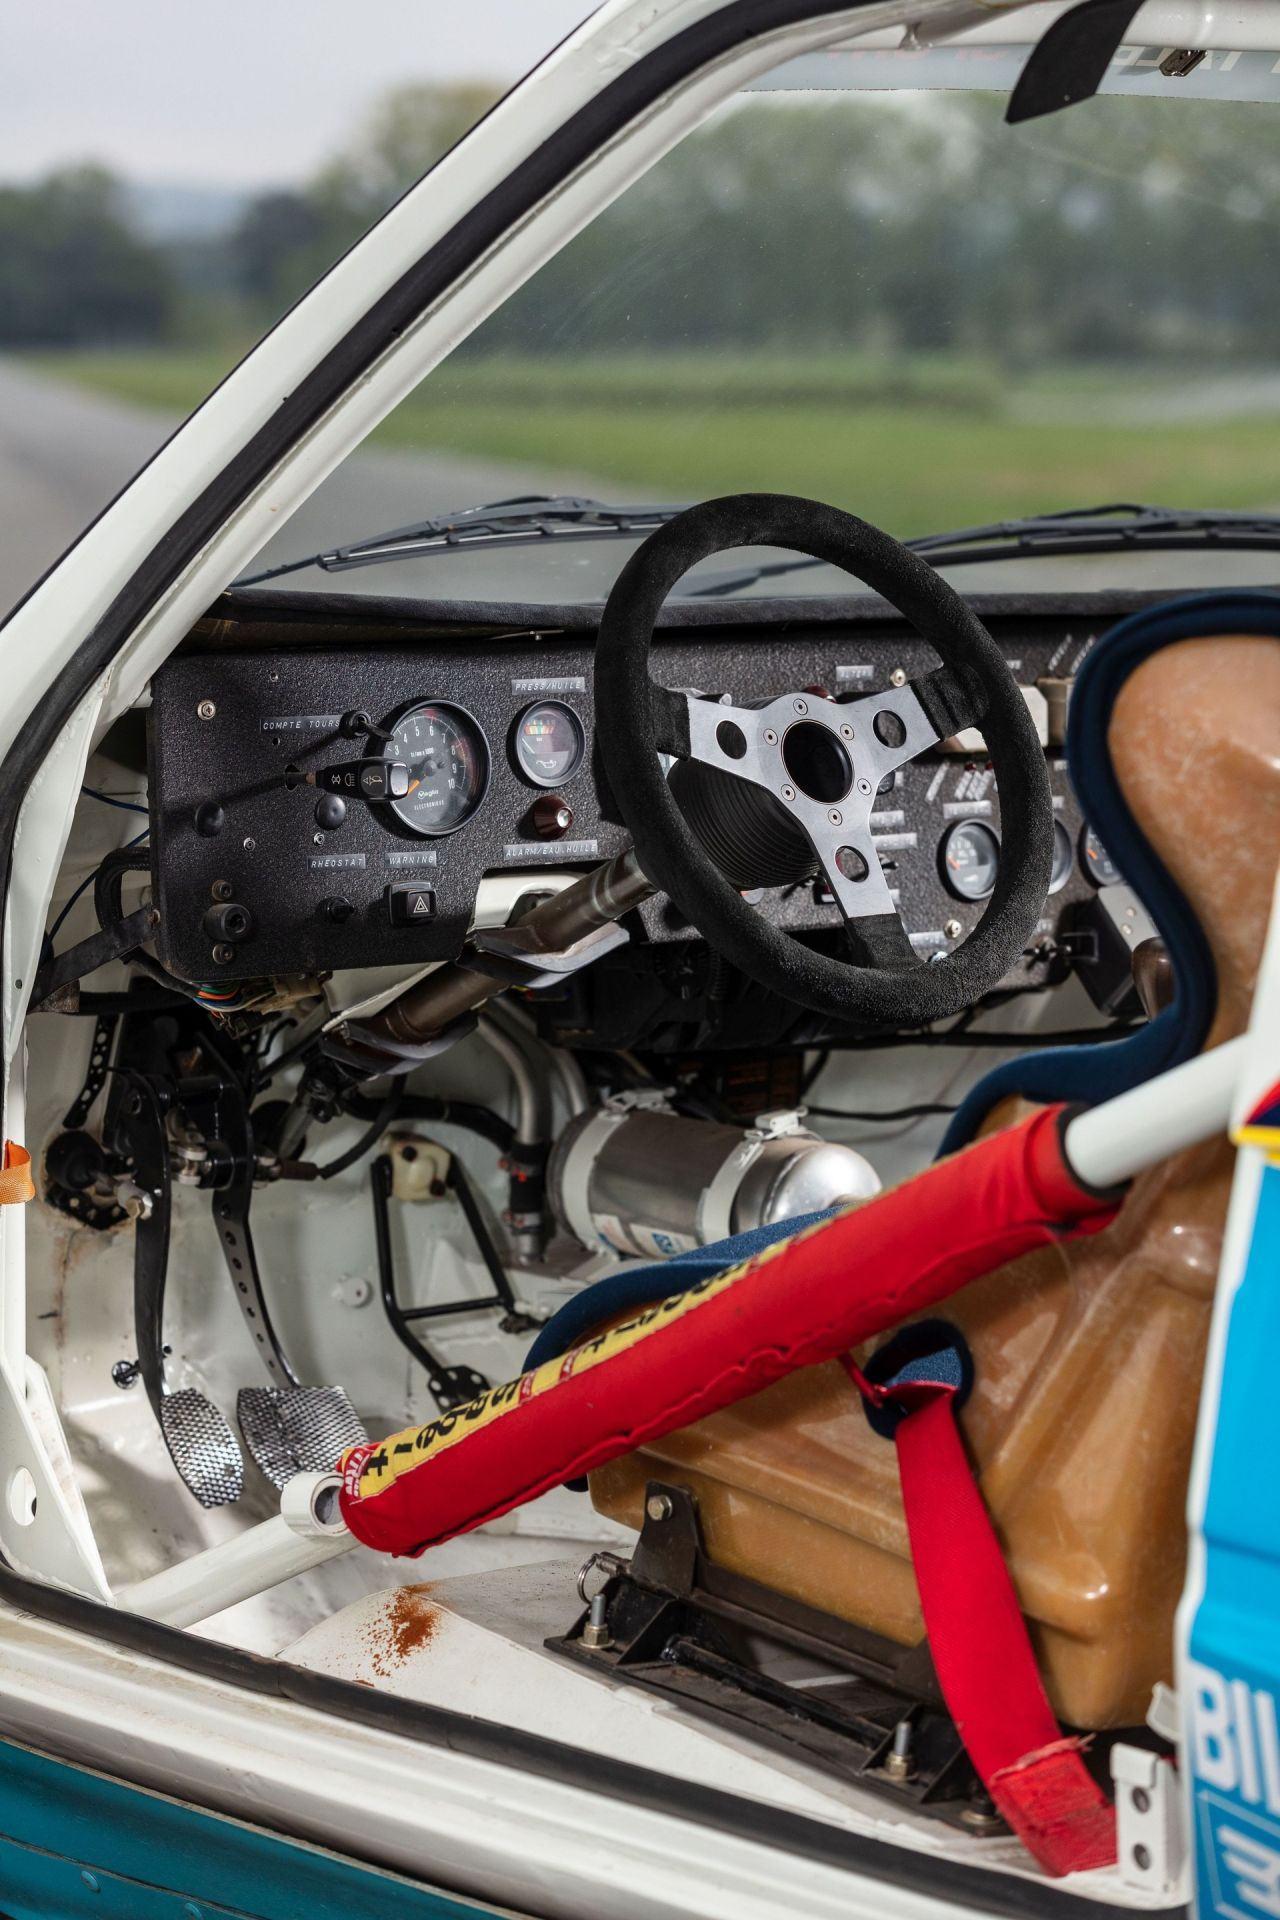 1985_Peugeot_205_Turbo_16_Evolution_2_sale-0023